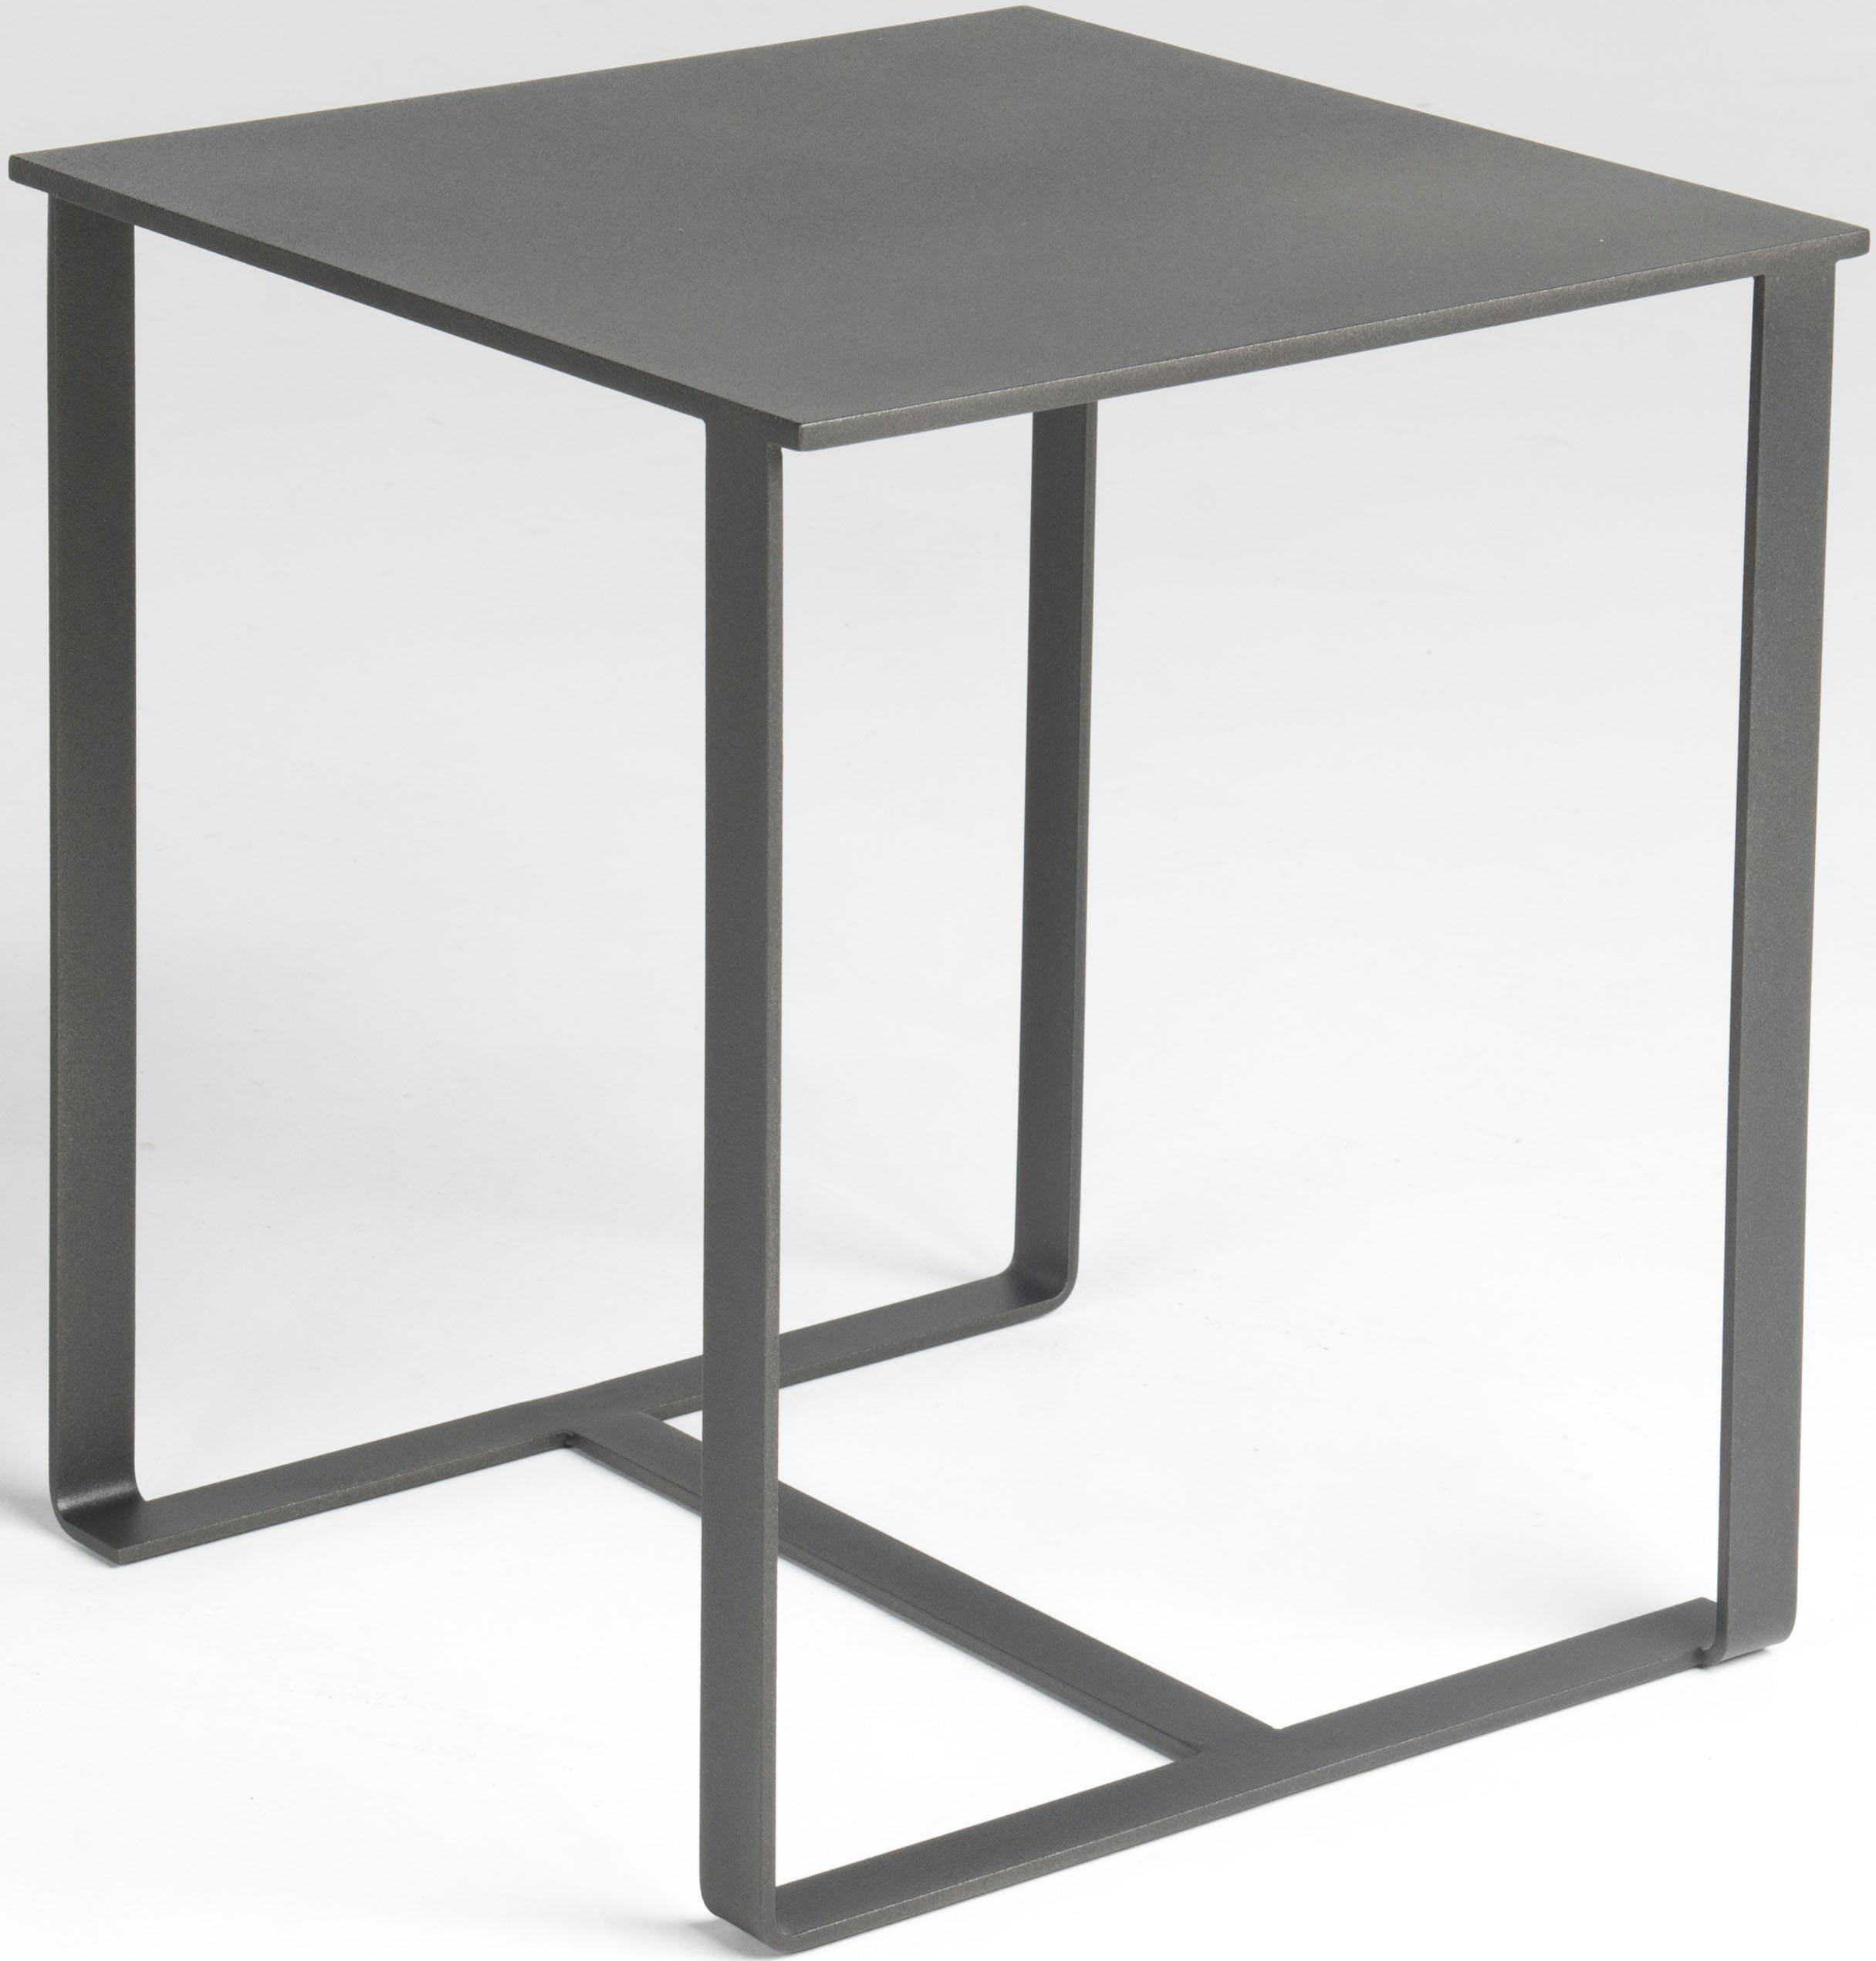 bert plantagie Beistelltisch CLYDE Wohnen/Möbel/Tische/Beistelltische